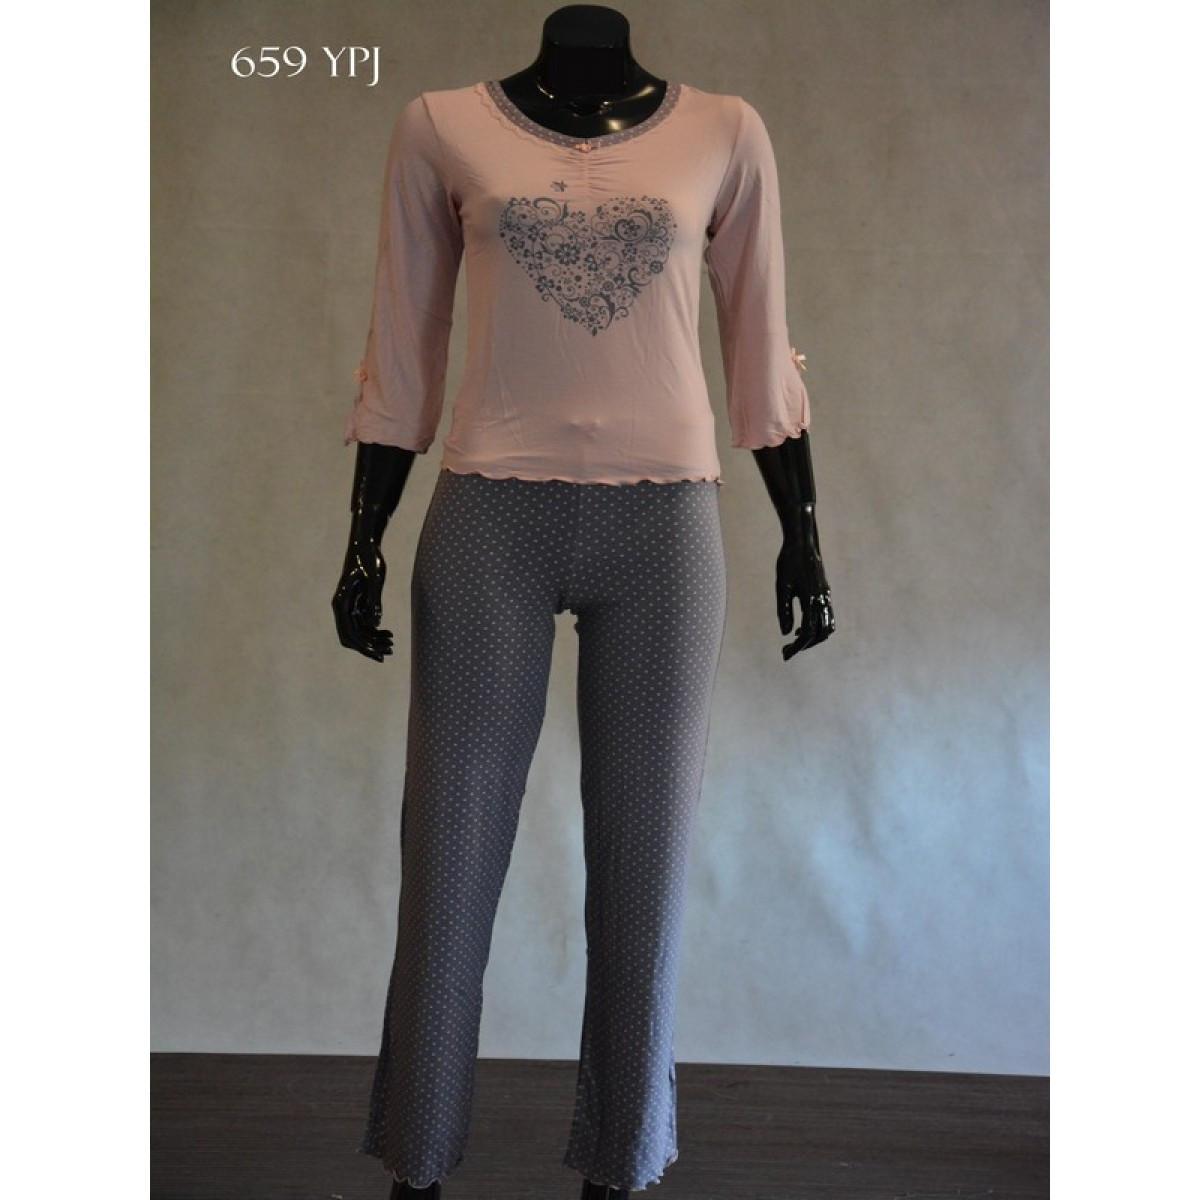 Dámské pyžamo 659 YPJ - CoCoon Barva: lososová, Velikost: L